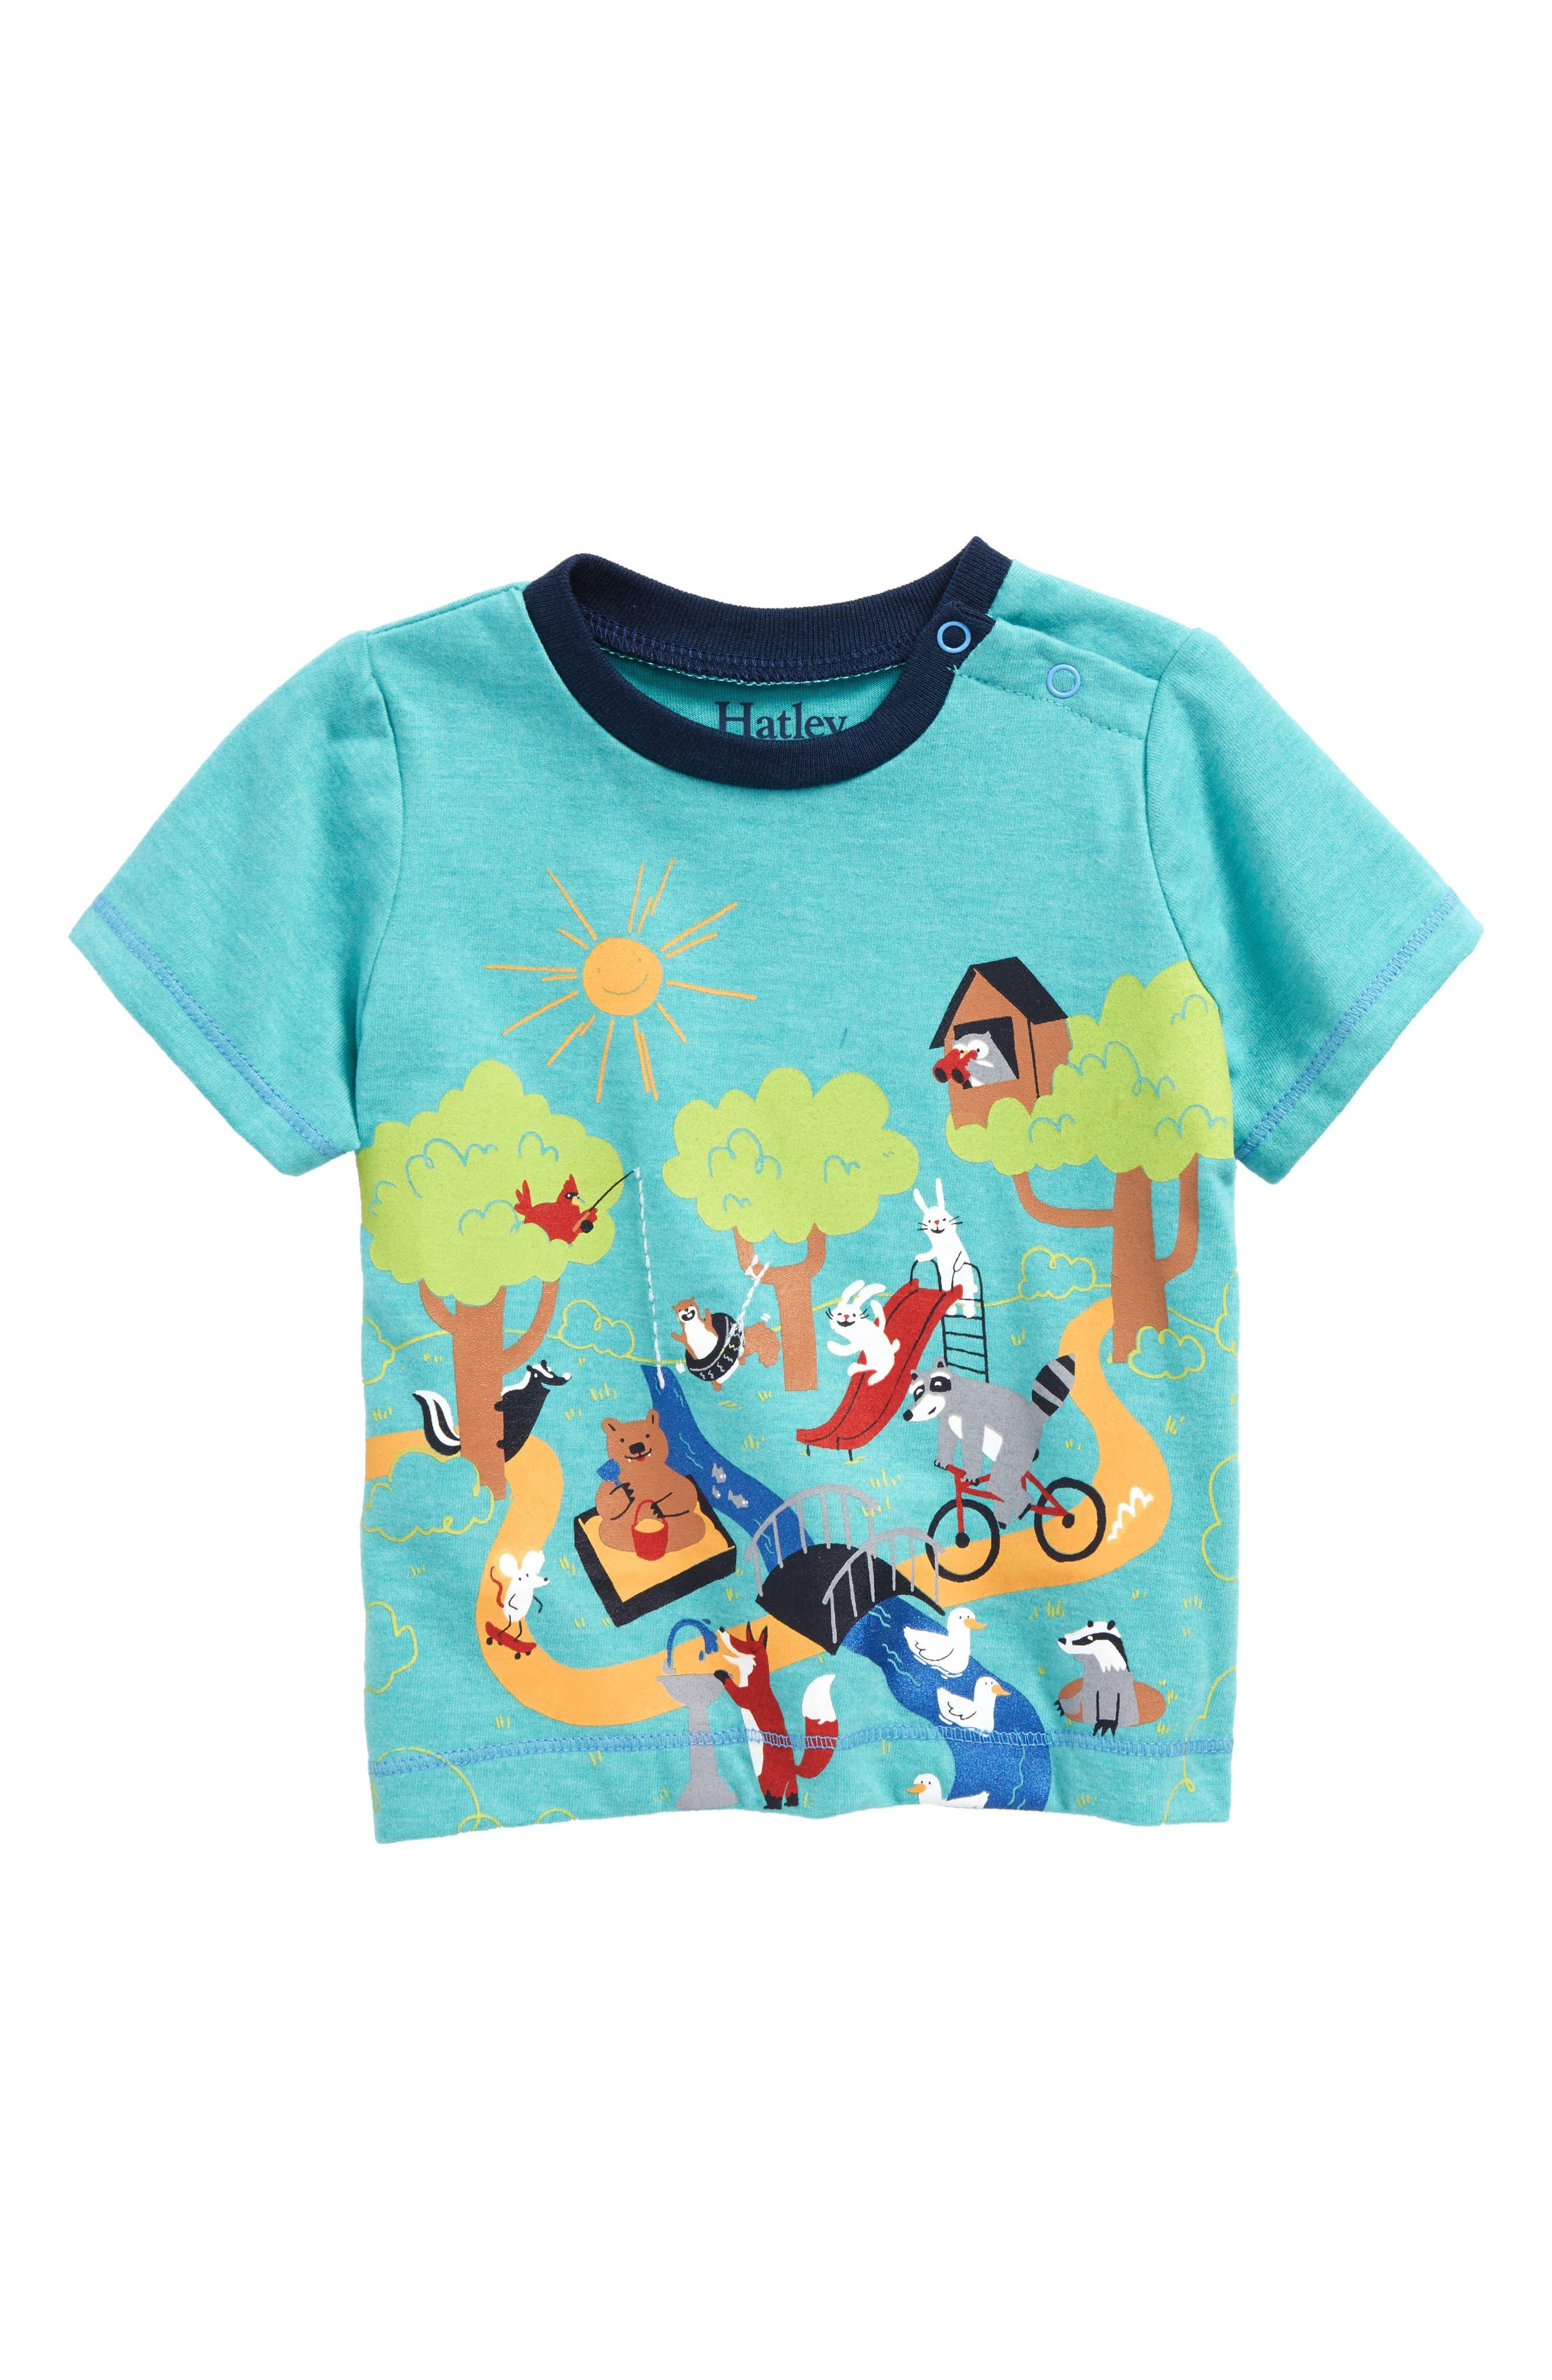 Irregular Day at the Park Shirt,                         Main,                         color, Irregular Day At The Park